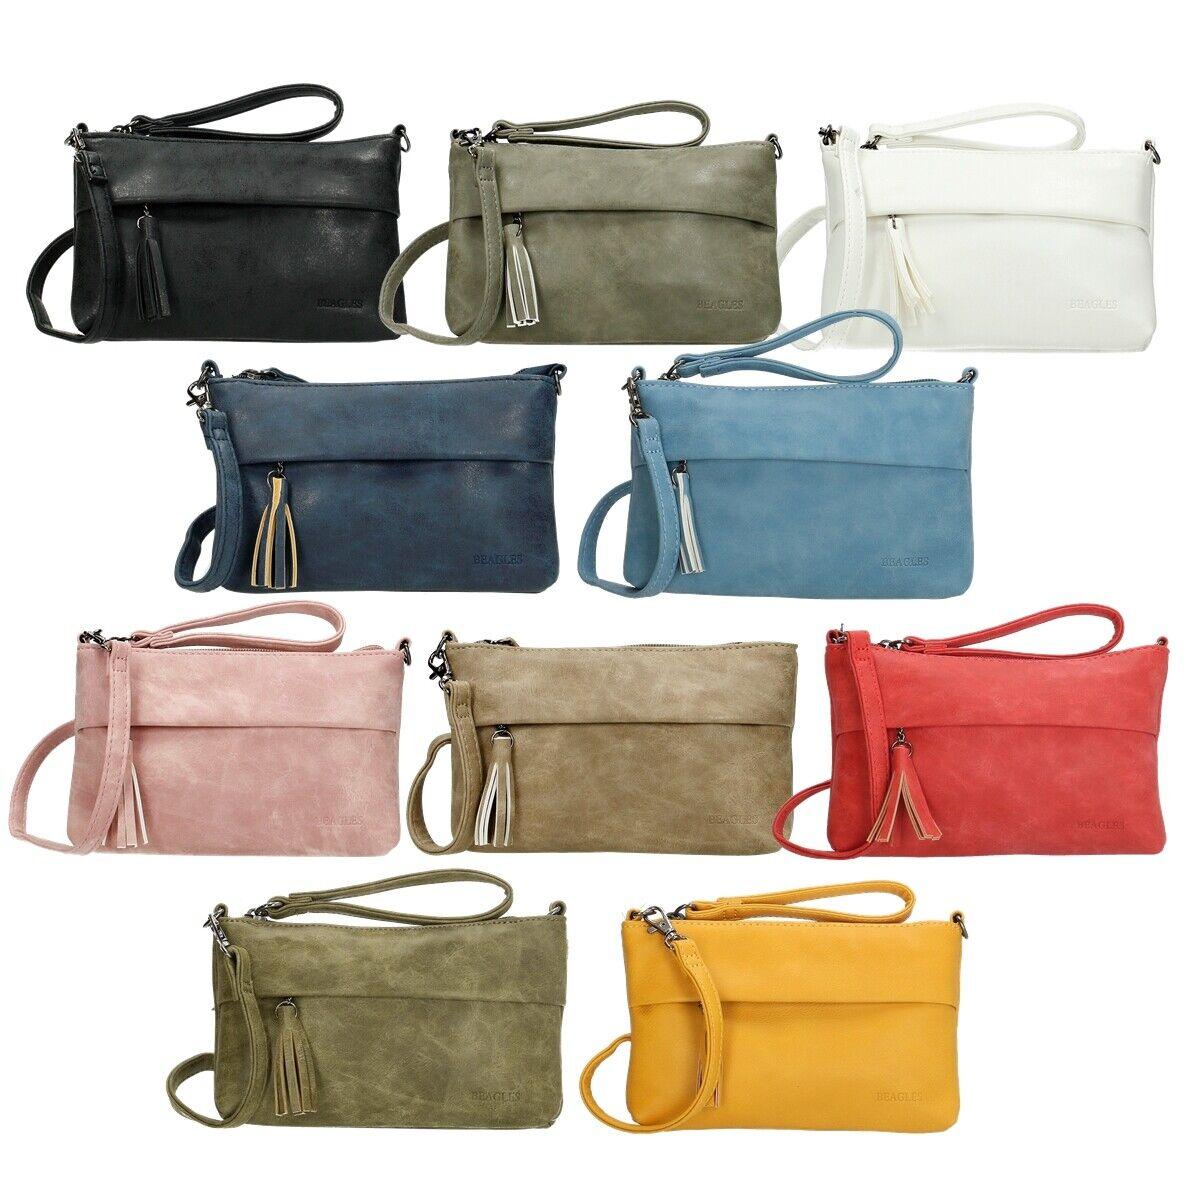 Beagles Mini Umhängetasche Ausgehtasche Handtasche klein Minibag Abendtasche